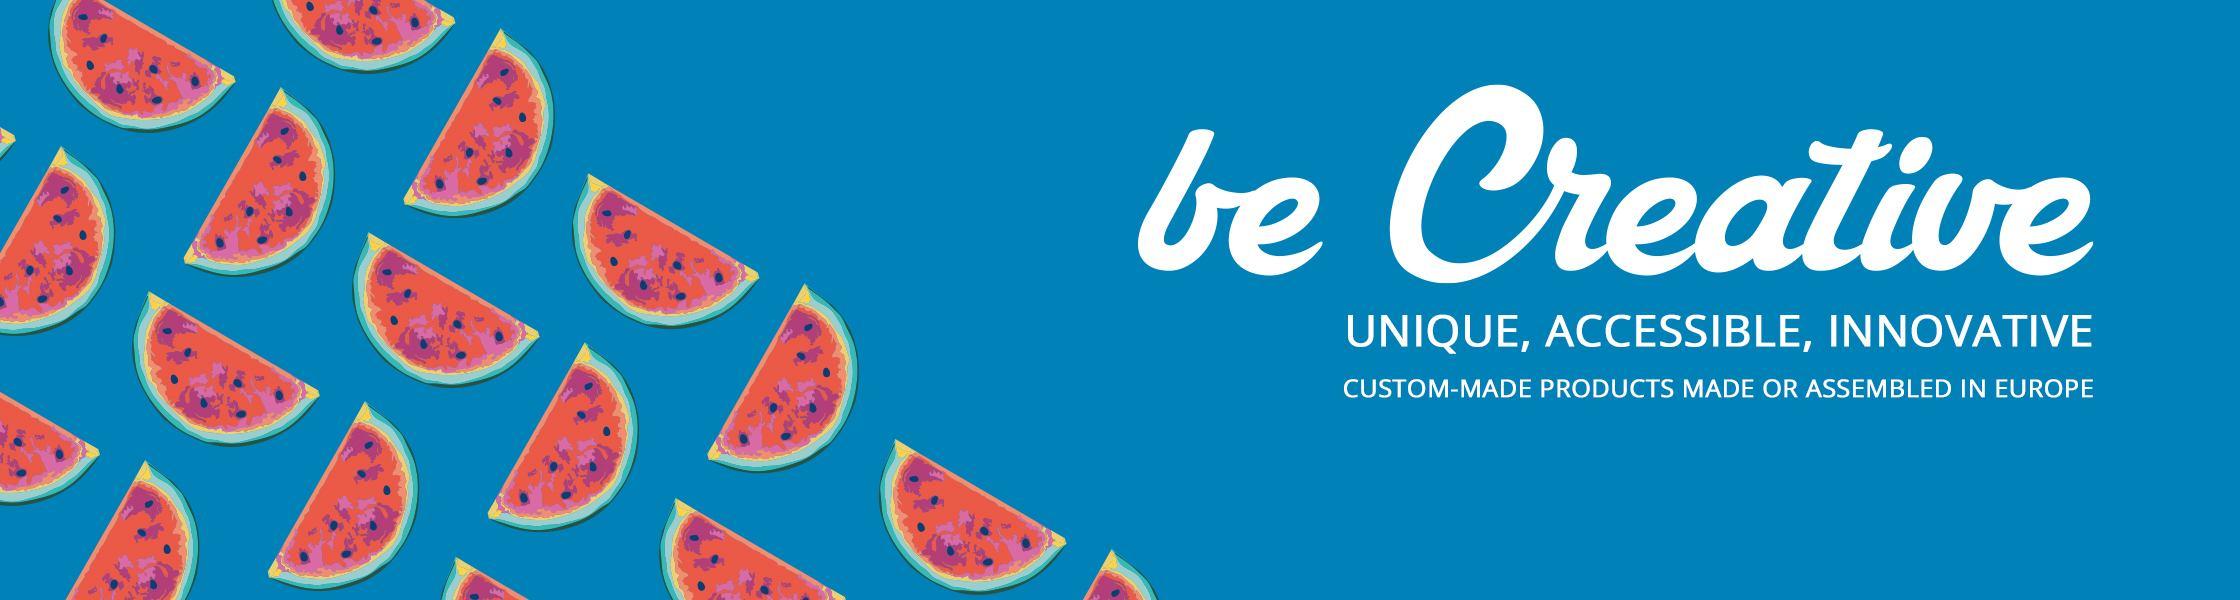 Náš nový jedinečný e-katalog BE CREATIVE 2021 je tady!